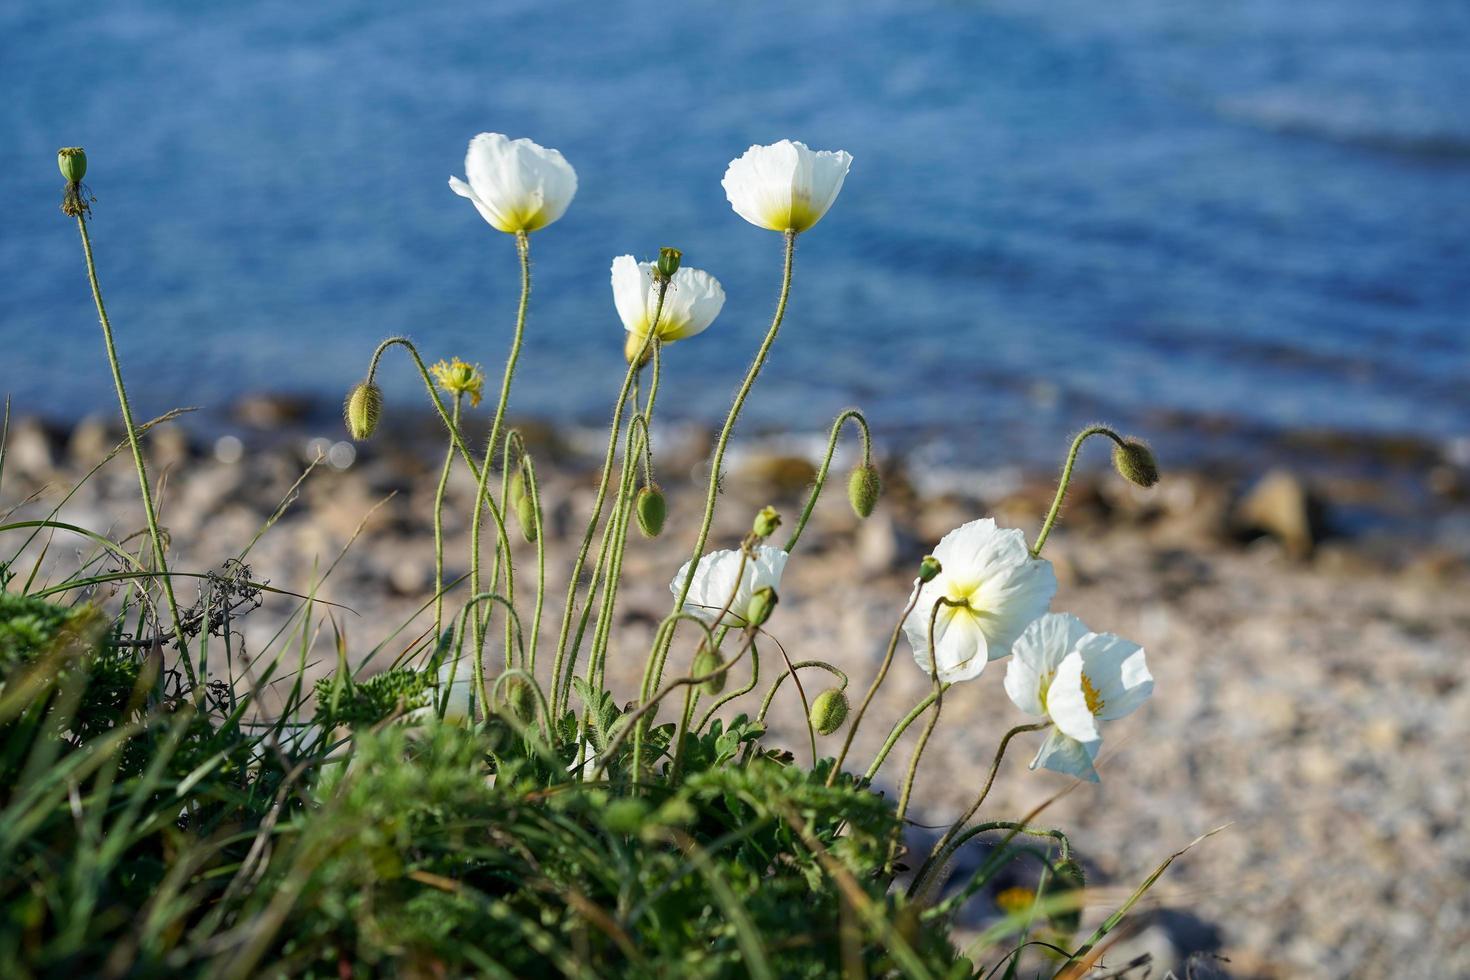 coquelicots blancs parmi les rochers et l'herbe par un plan d'eau photo